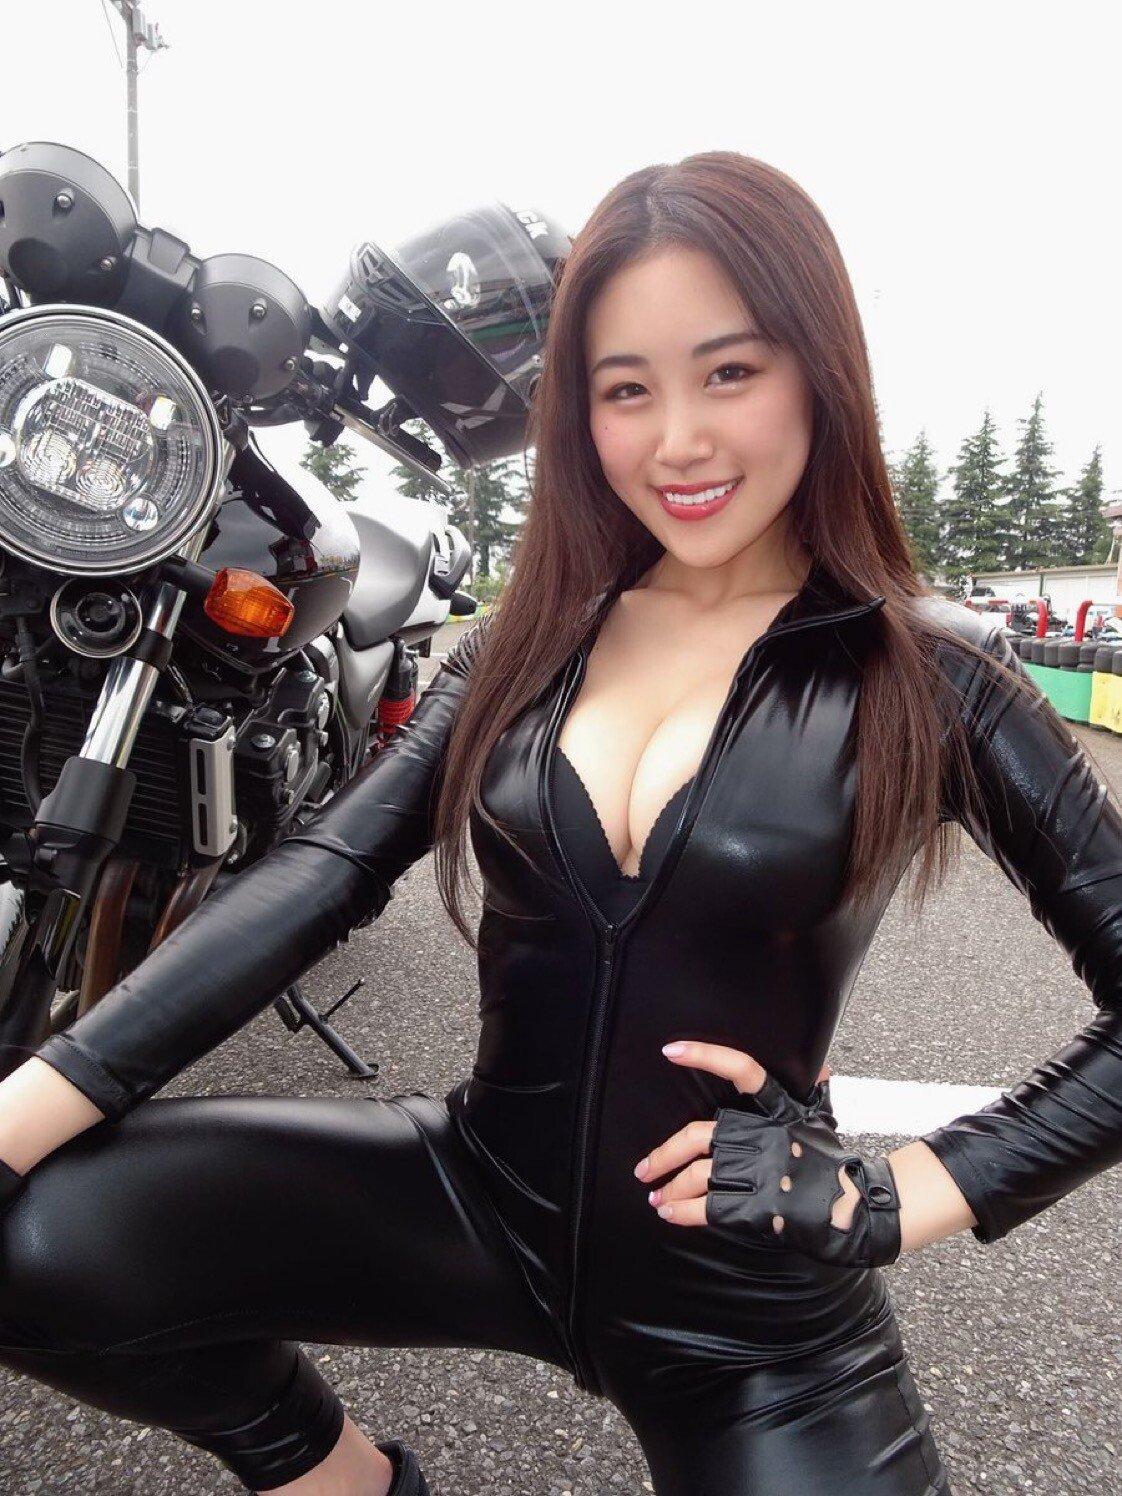 8091E629-D57B-4A12-A963-6AFB6504C480.jpeg ㅎㅂ) 엄마와 함께 오토바이를 타는 효녀 하루카